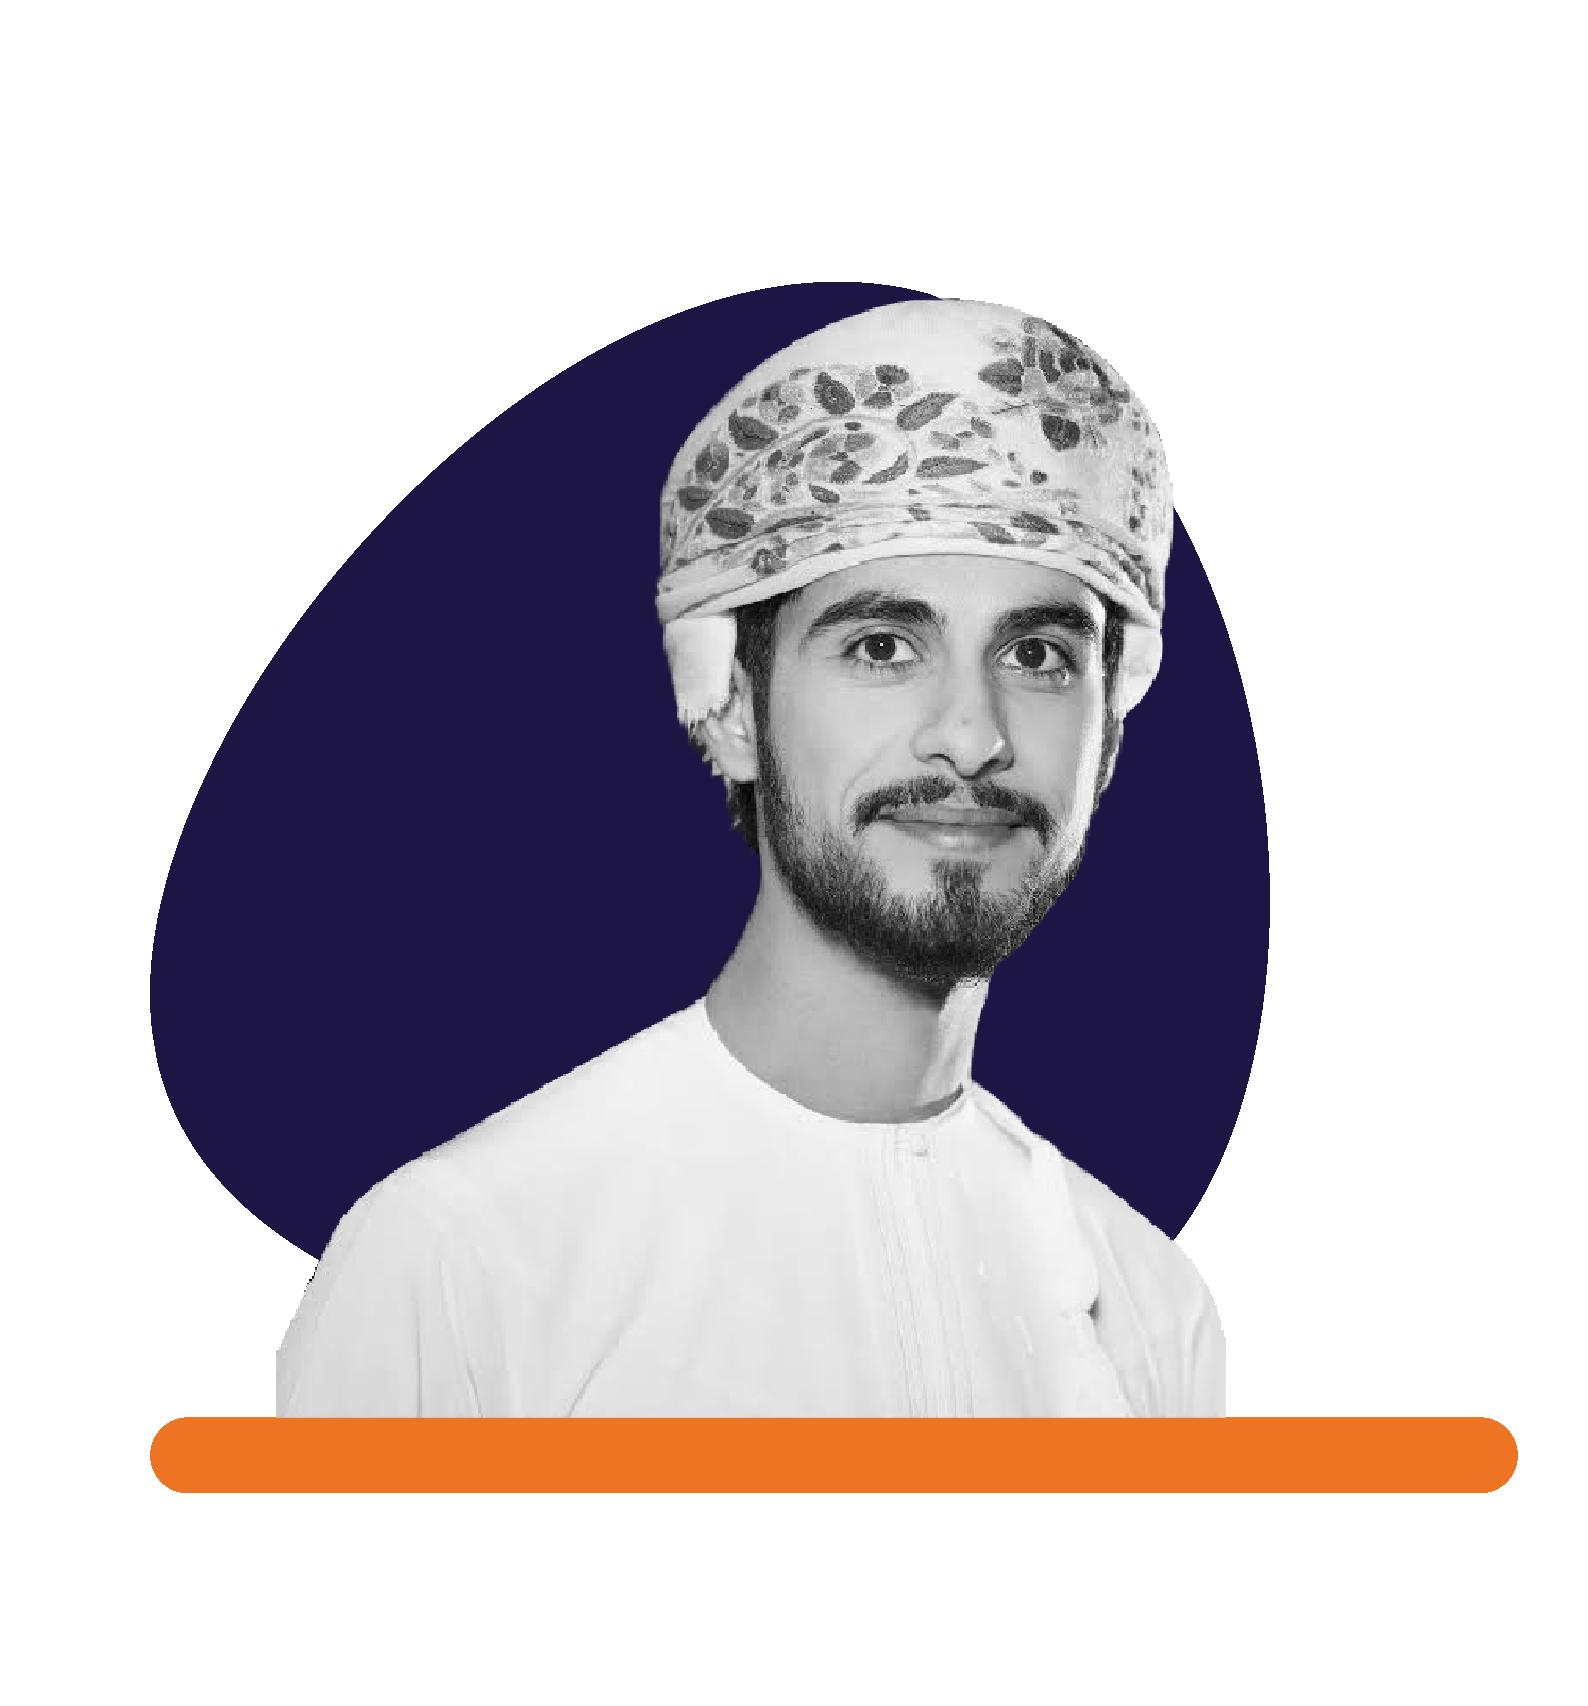 بالصور: 4 عمانيين ضمن قائمة رواد الشباب العربي الأكثر تأثيراً.. تعرف عليهم